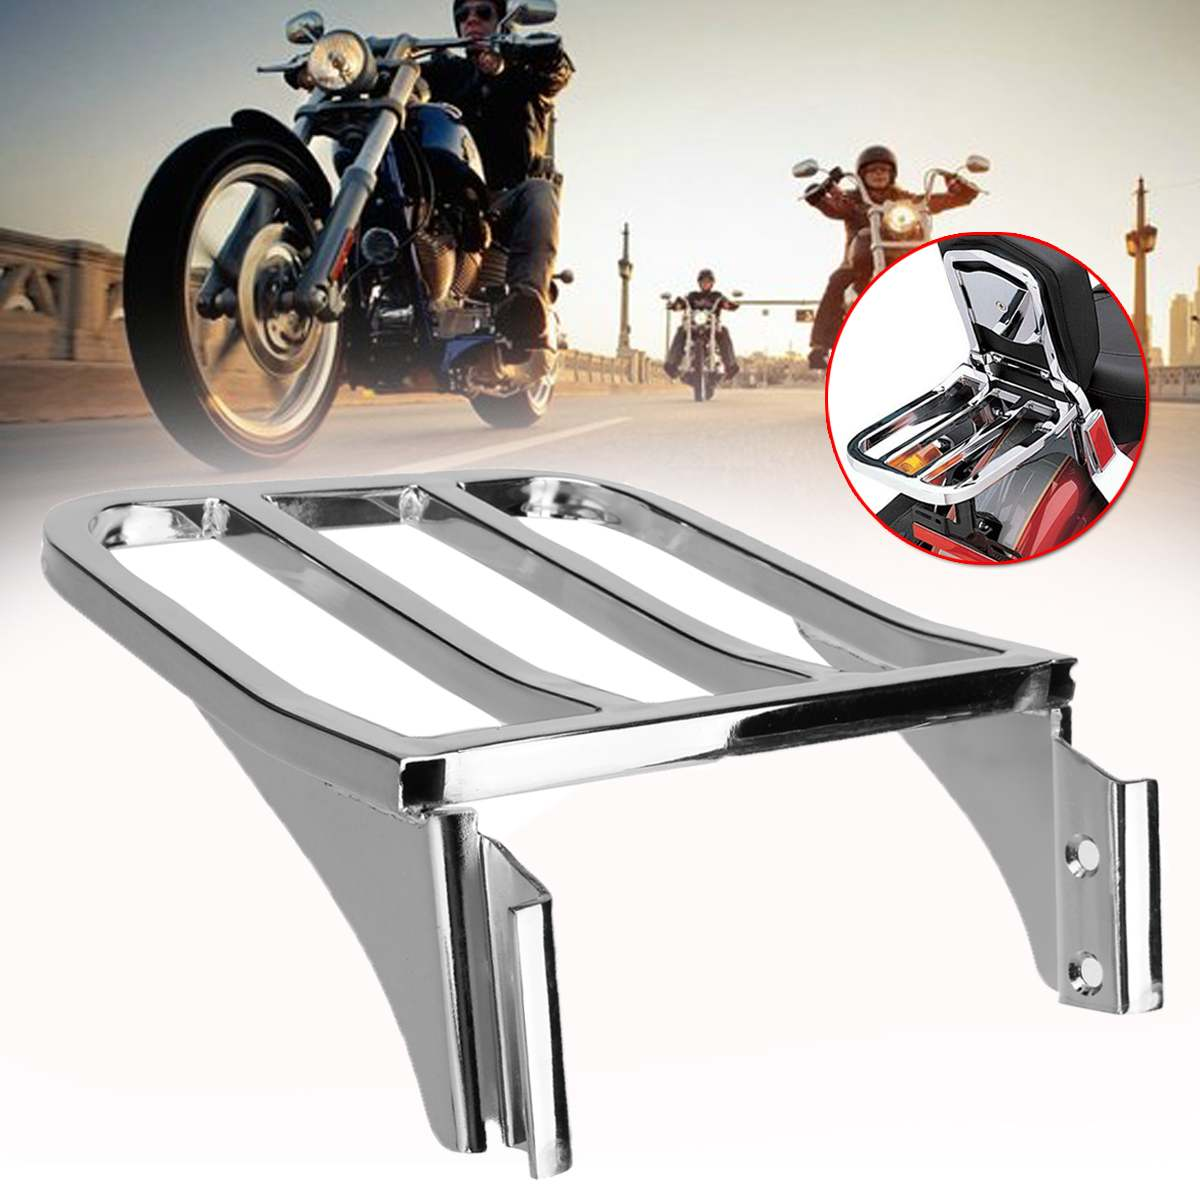 Porte-bagages arrière de moto pour Harley Sportster XL1200 883 72 48 porte-bagages Dyna Chrome Solo